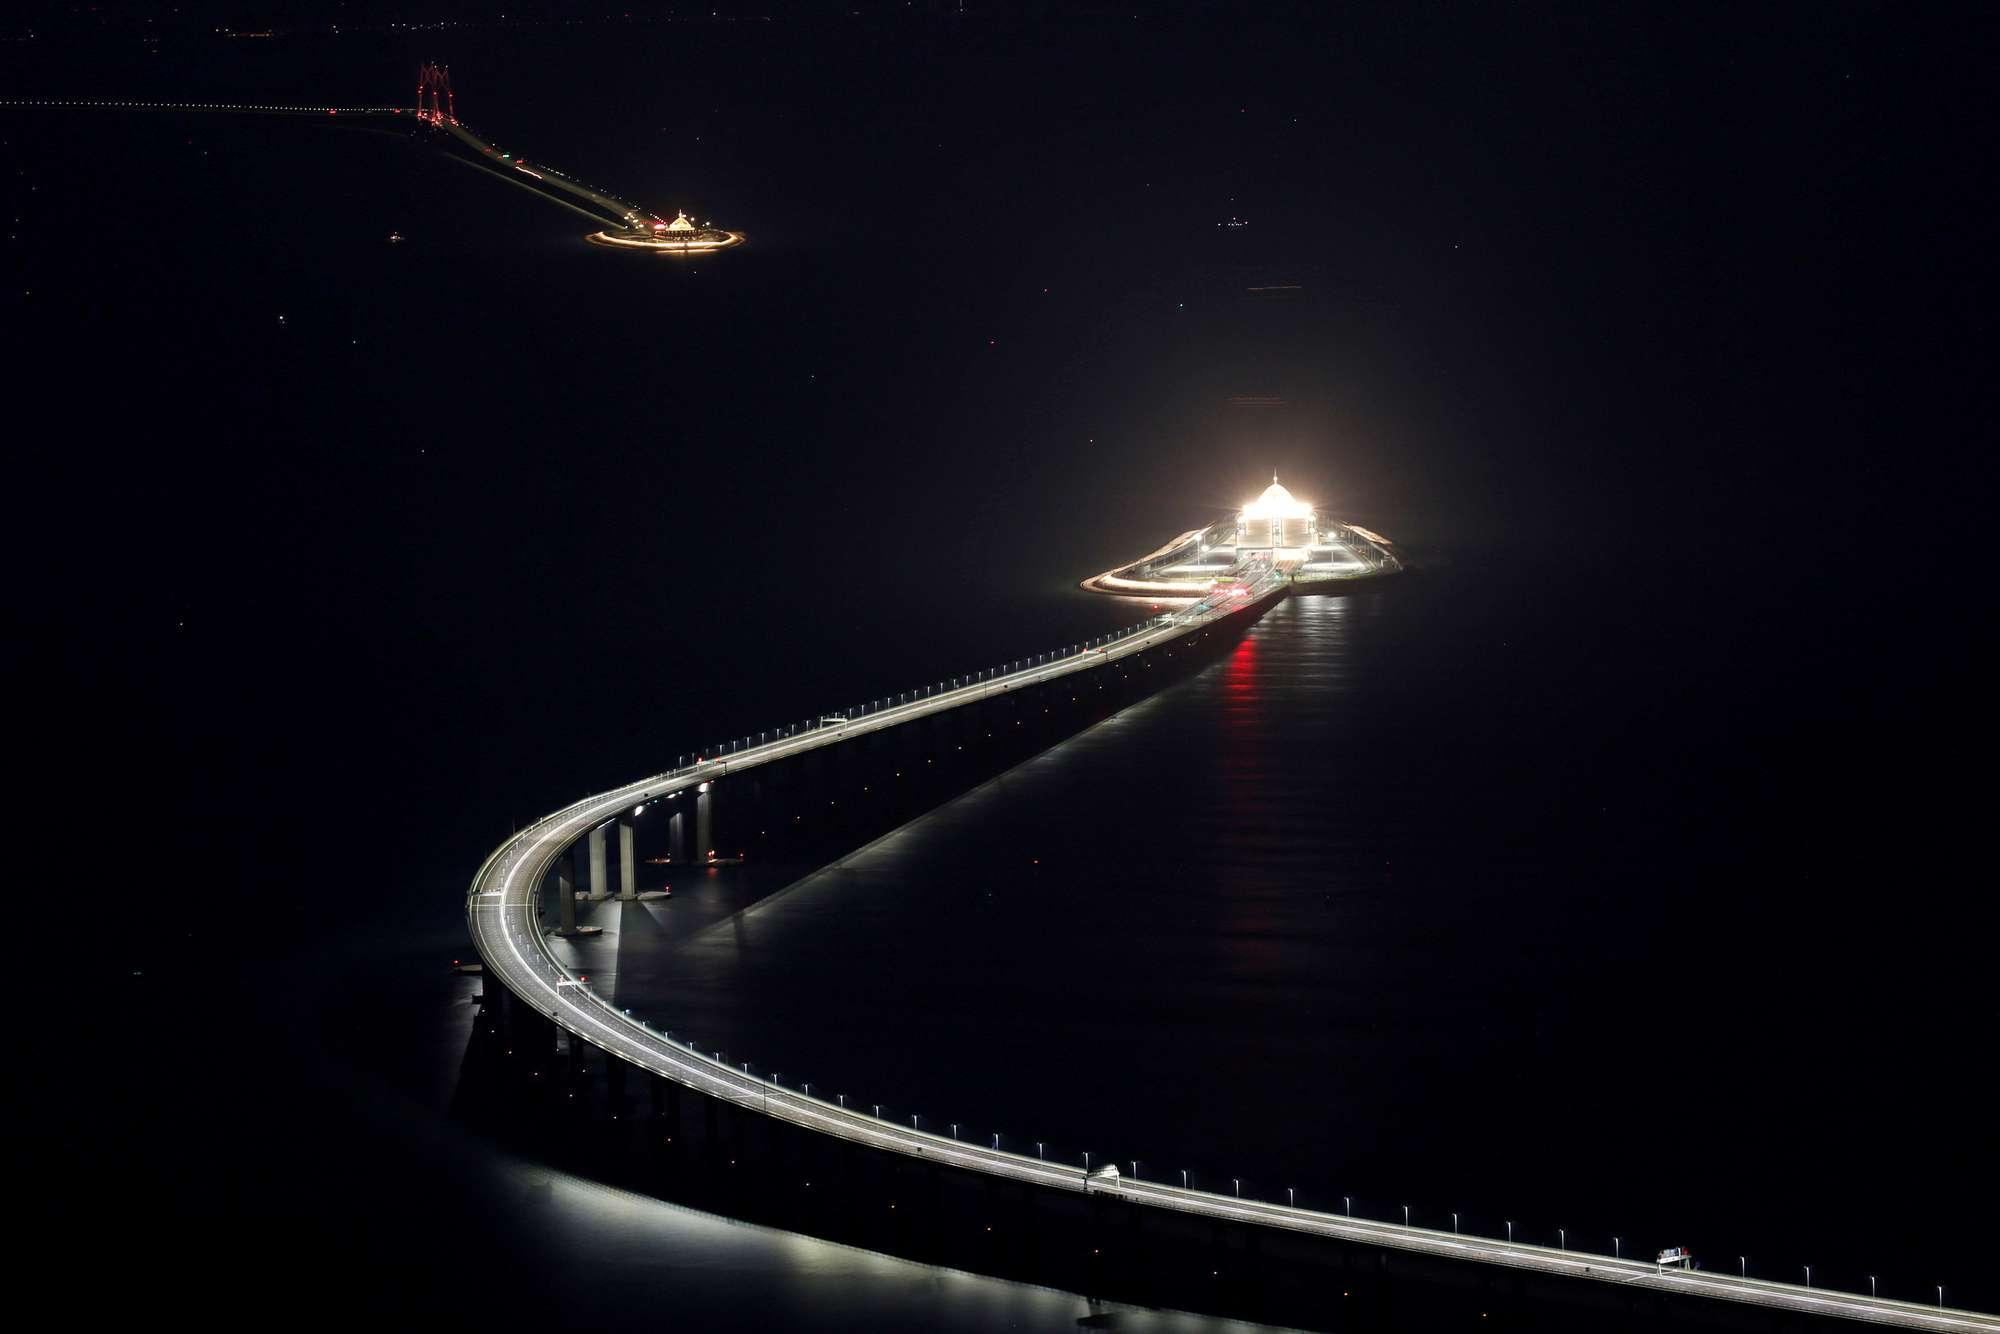 Hong Kong-Zhuhai-Macau bridge off Lantau island